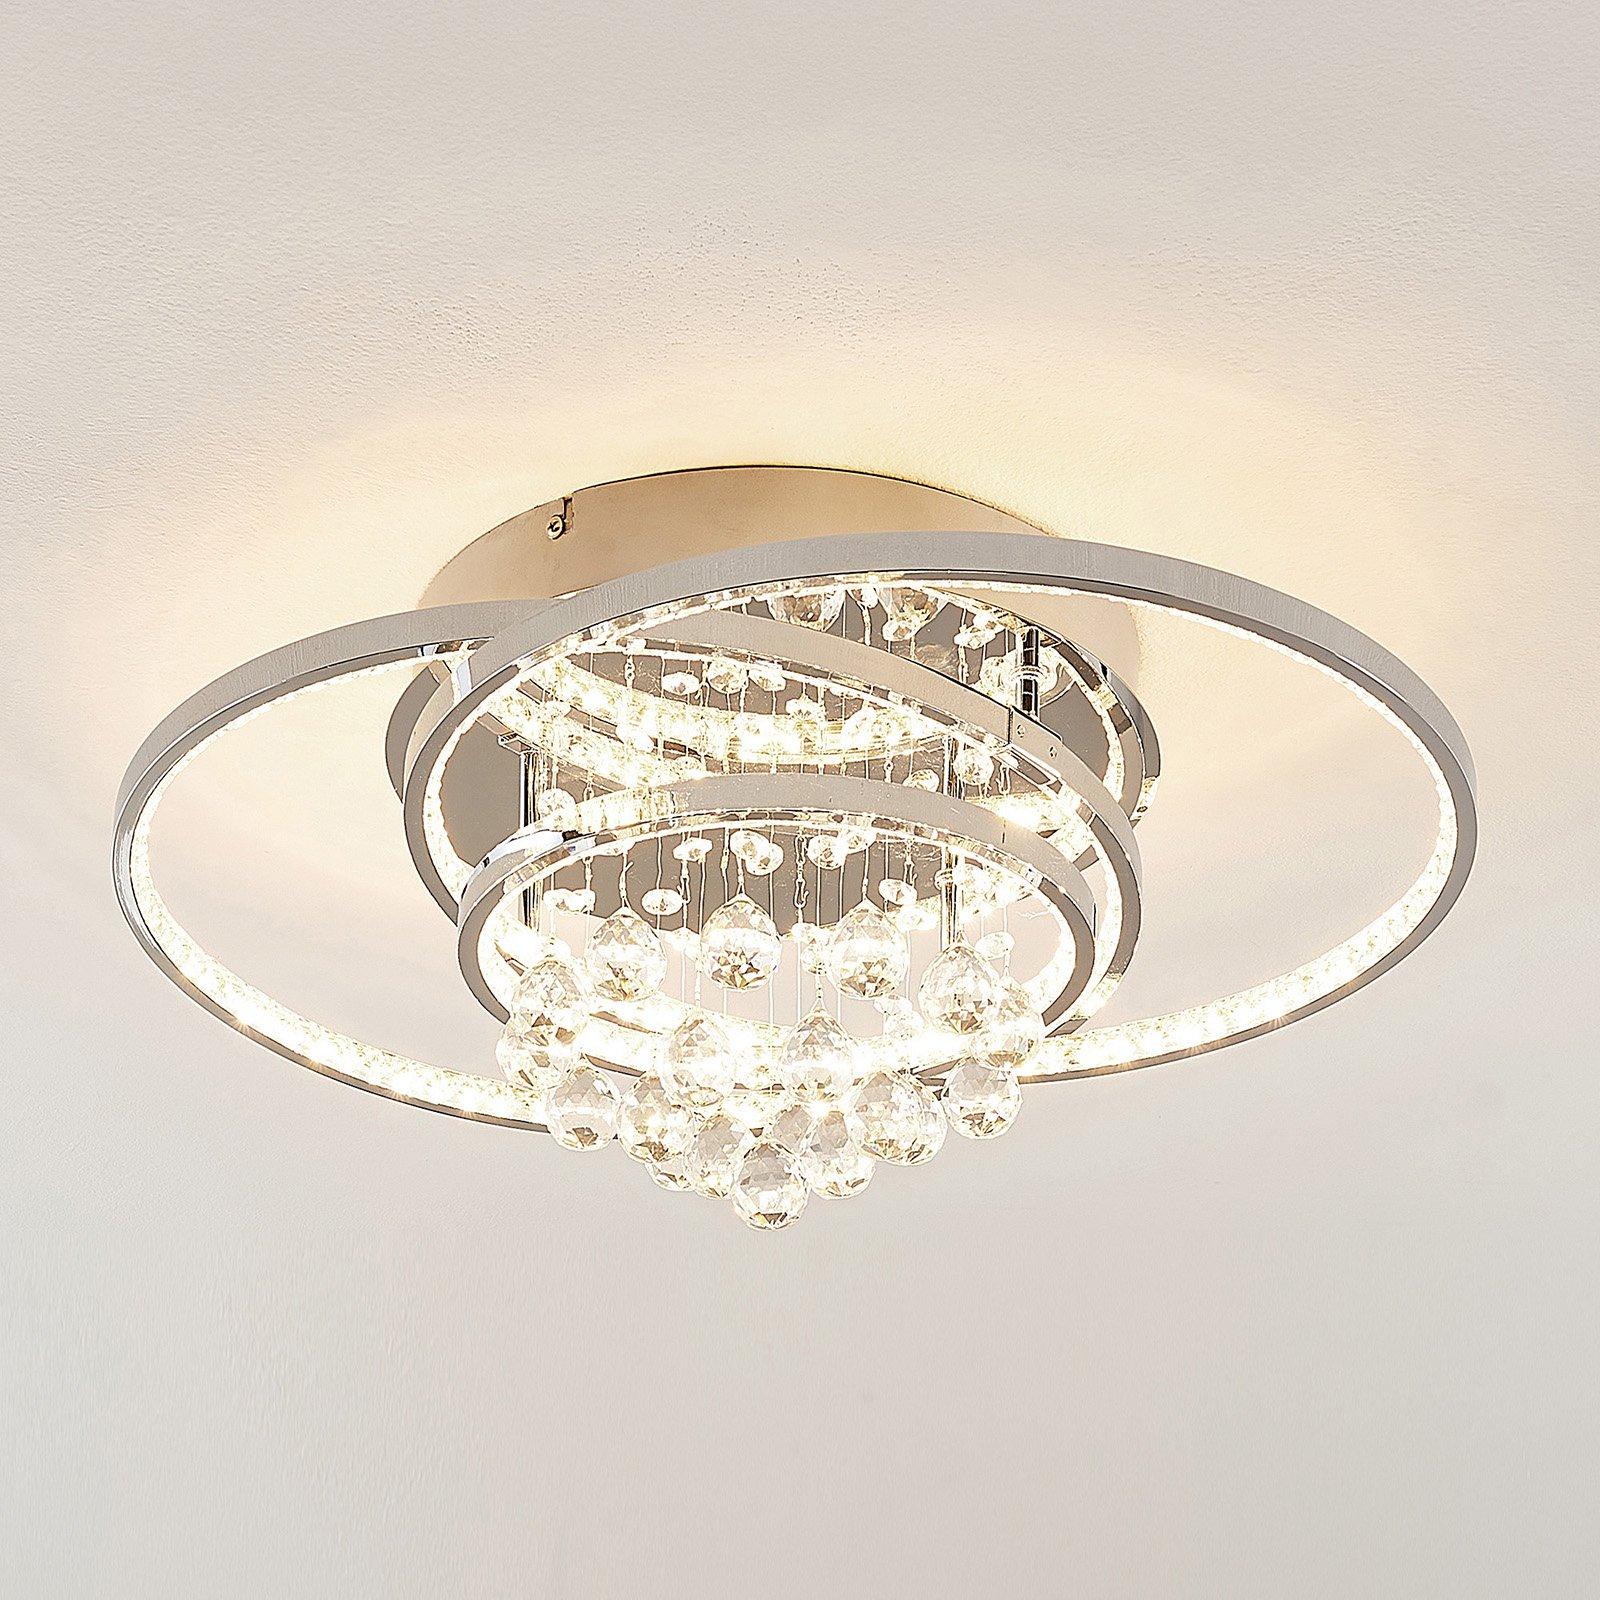 Lucande Keely LED-taklampe, krystall, 56,5 cm